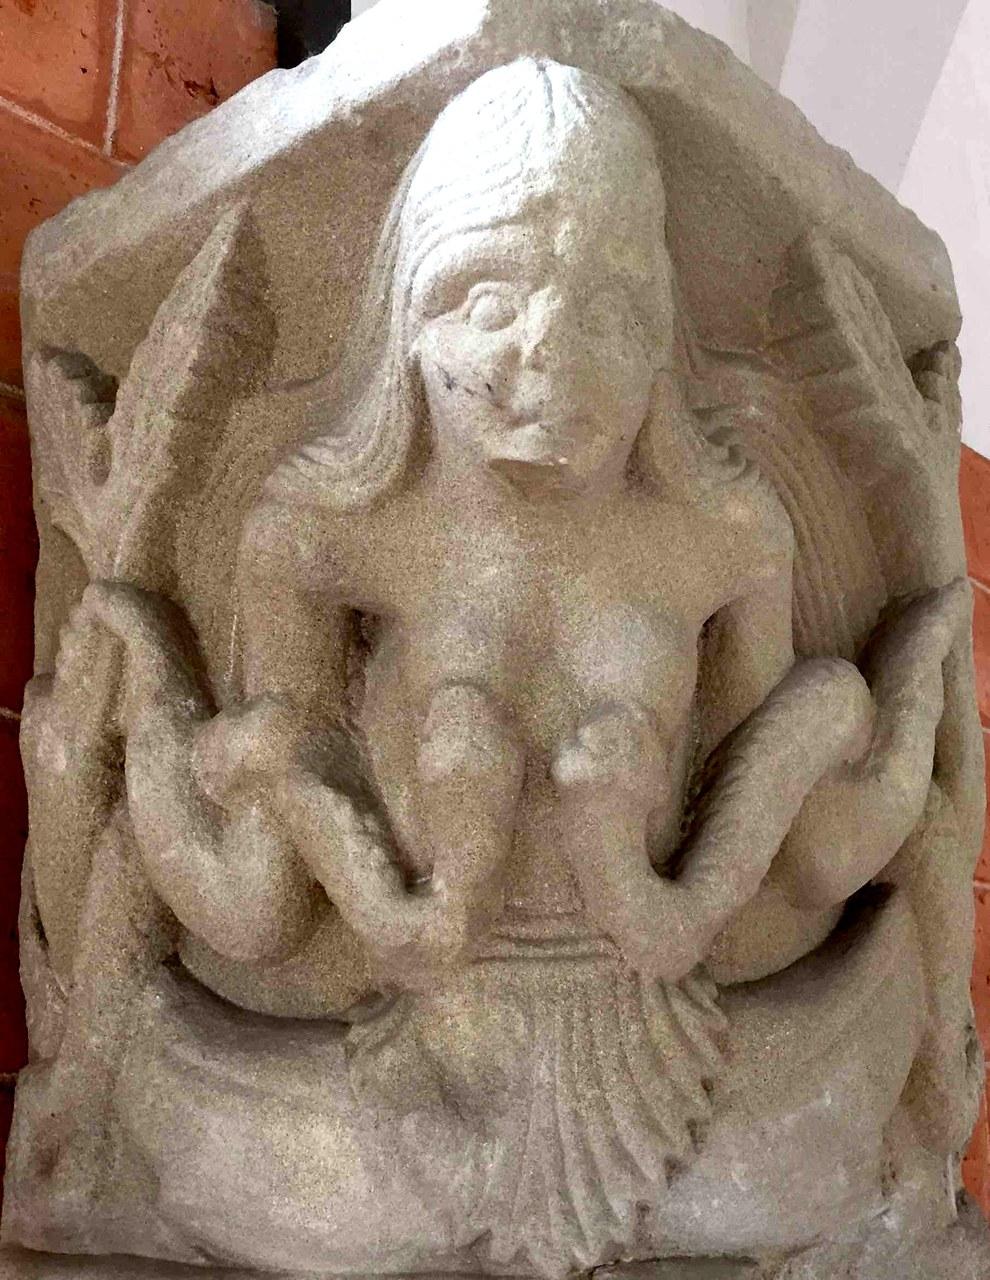 fig. 7 Pavia, Museo civico, capitello da San Giovanni in Borgo, la sirena-Lussuria, secolo XII